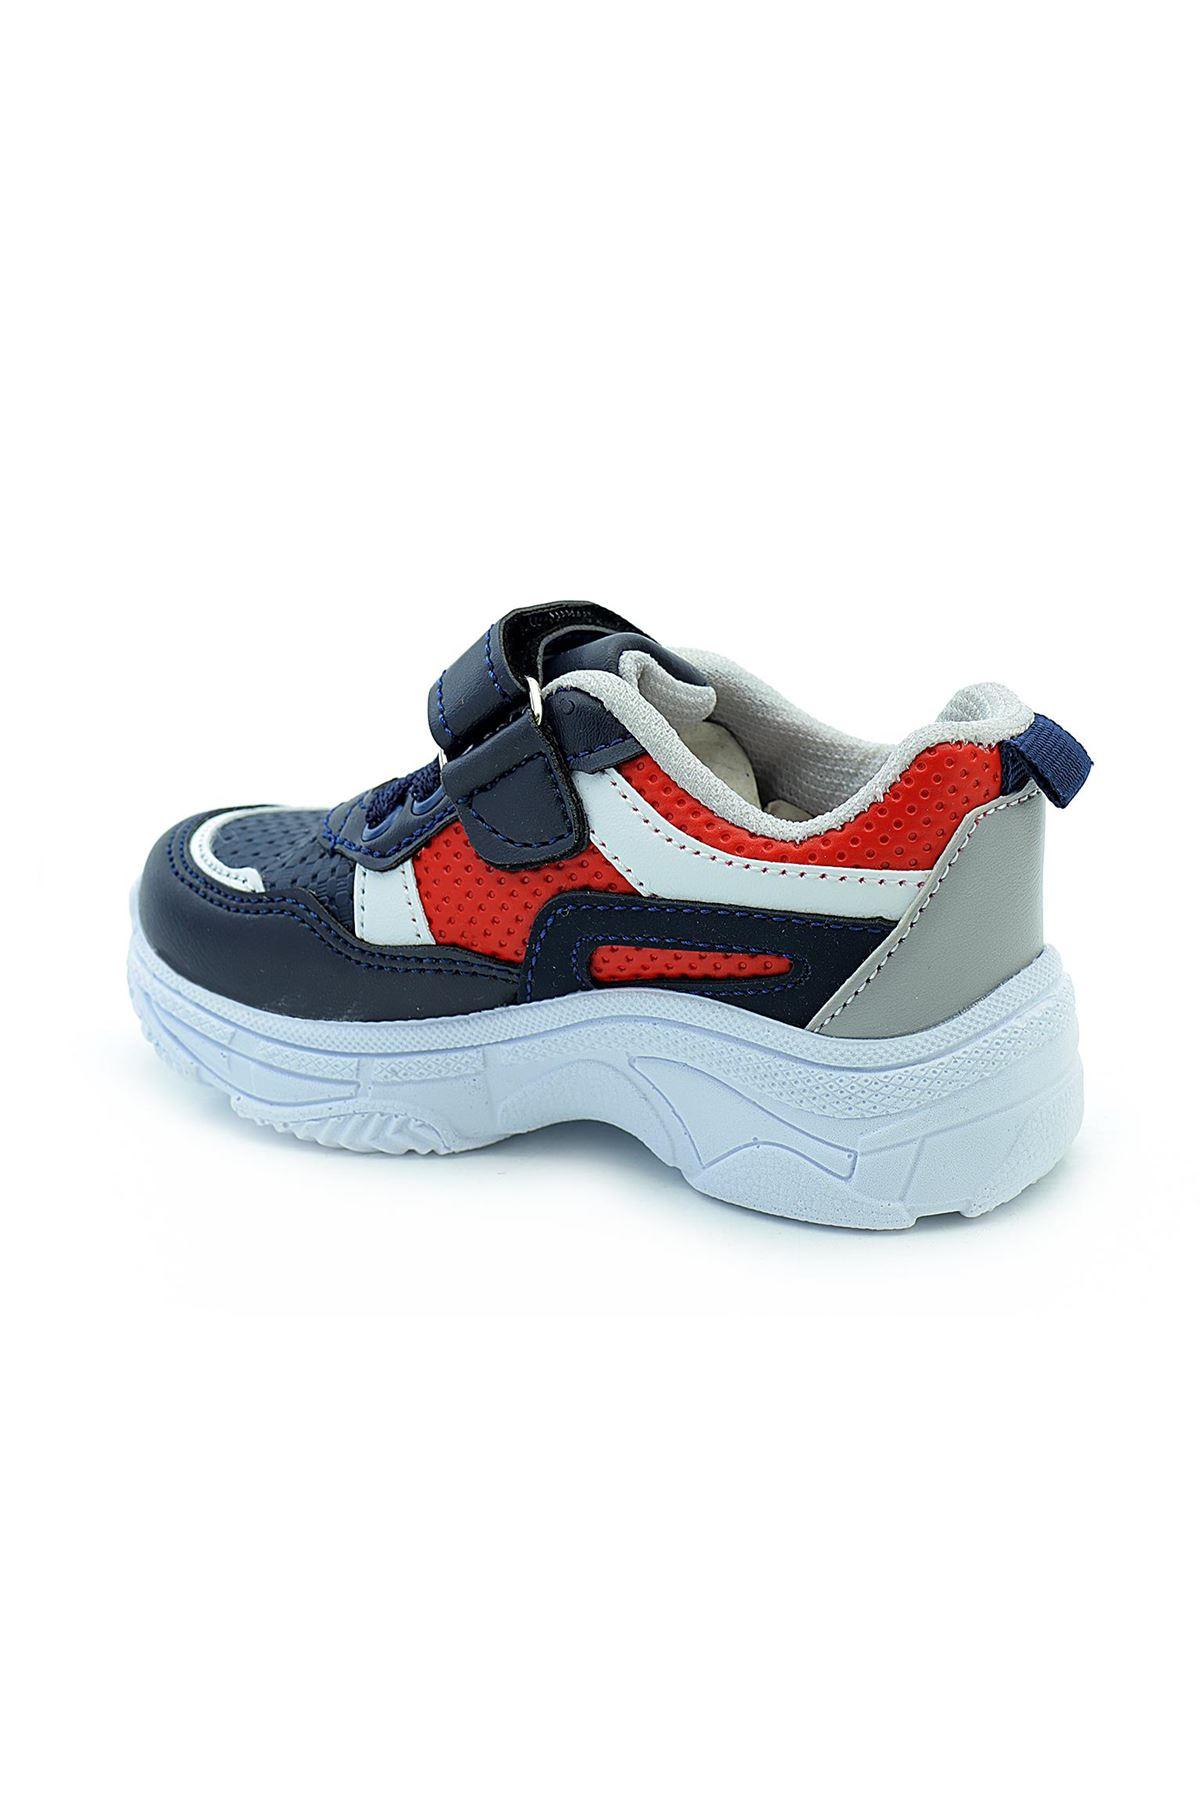 Kids World 20-22 Erkek Çocuk Kalın Taban Spor Ayakkabı